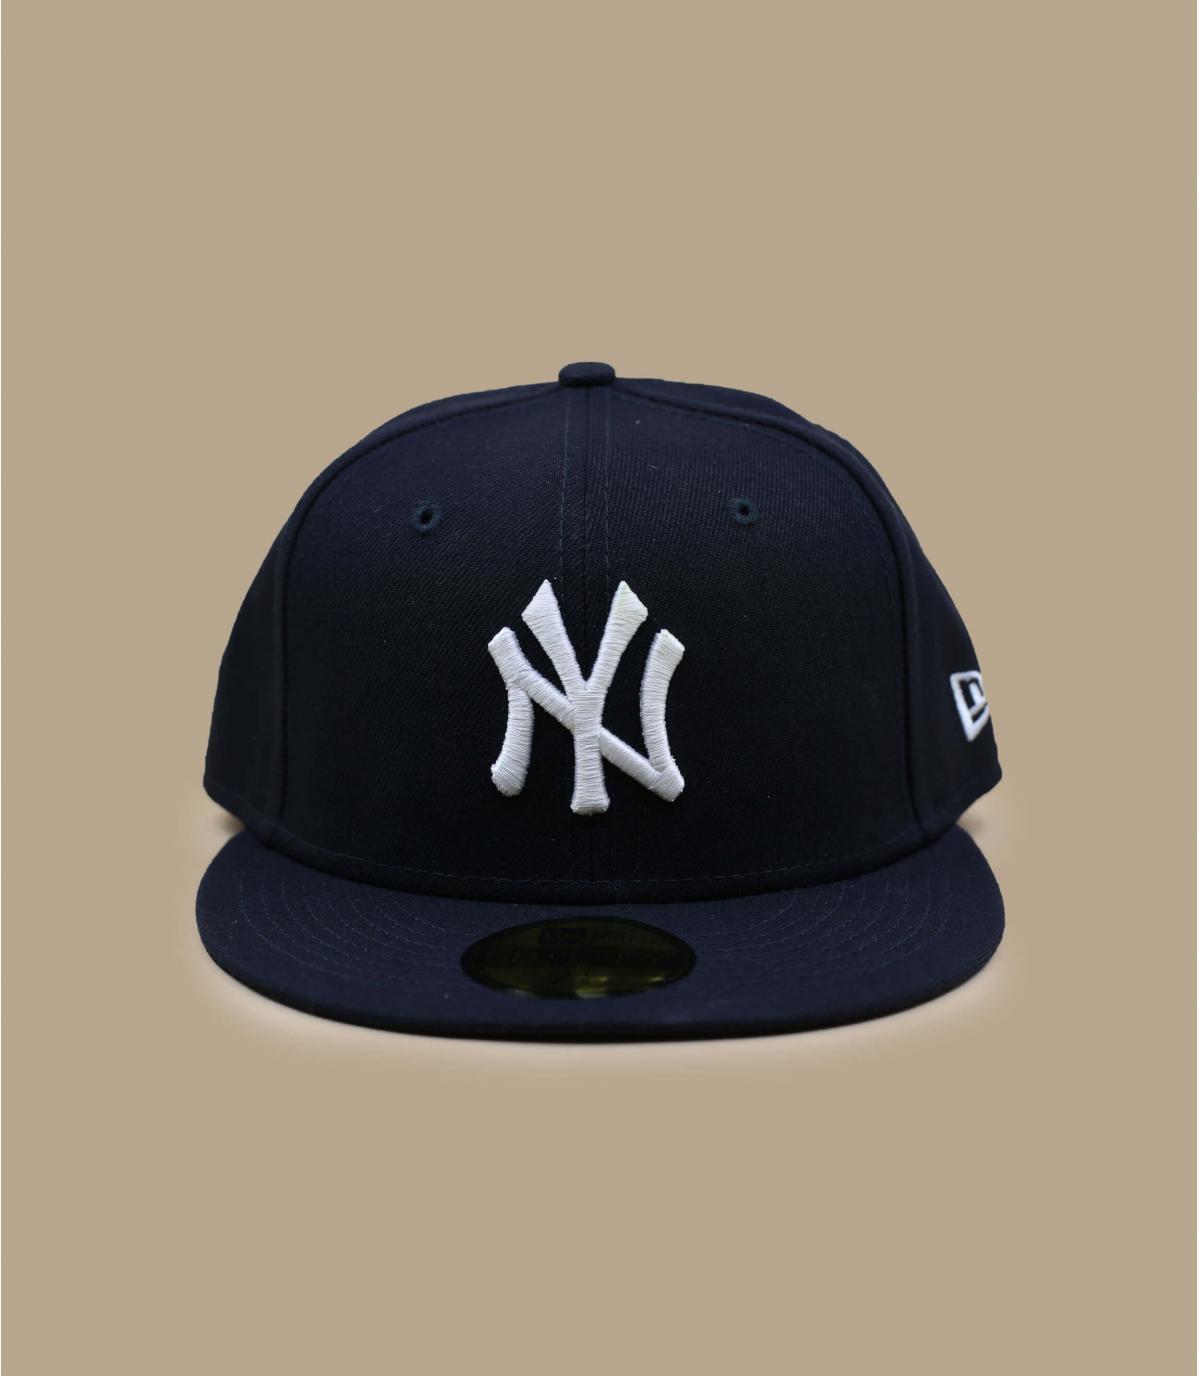 NY cap5950